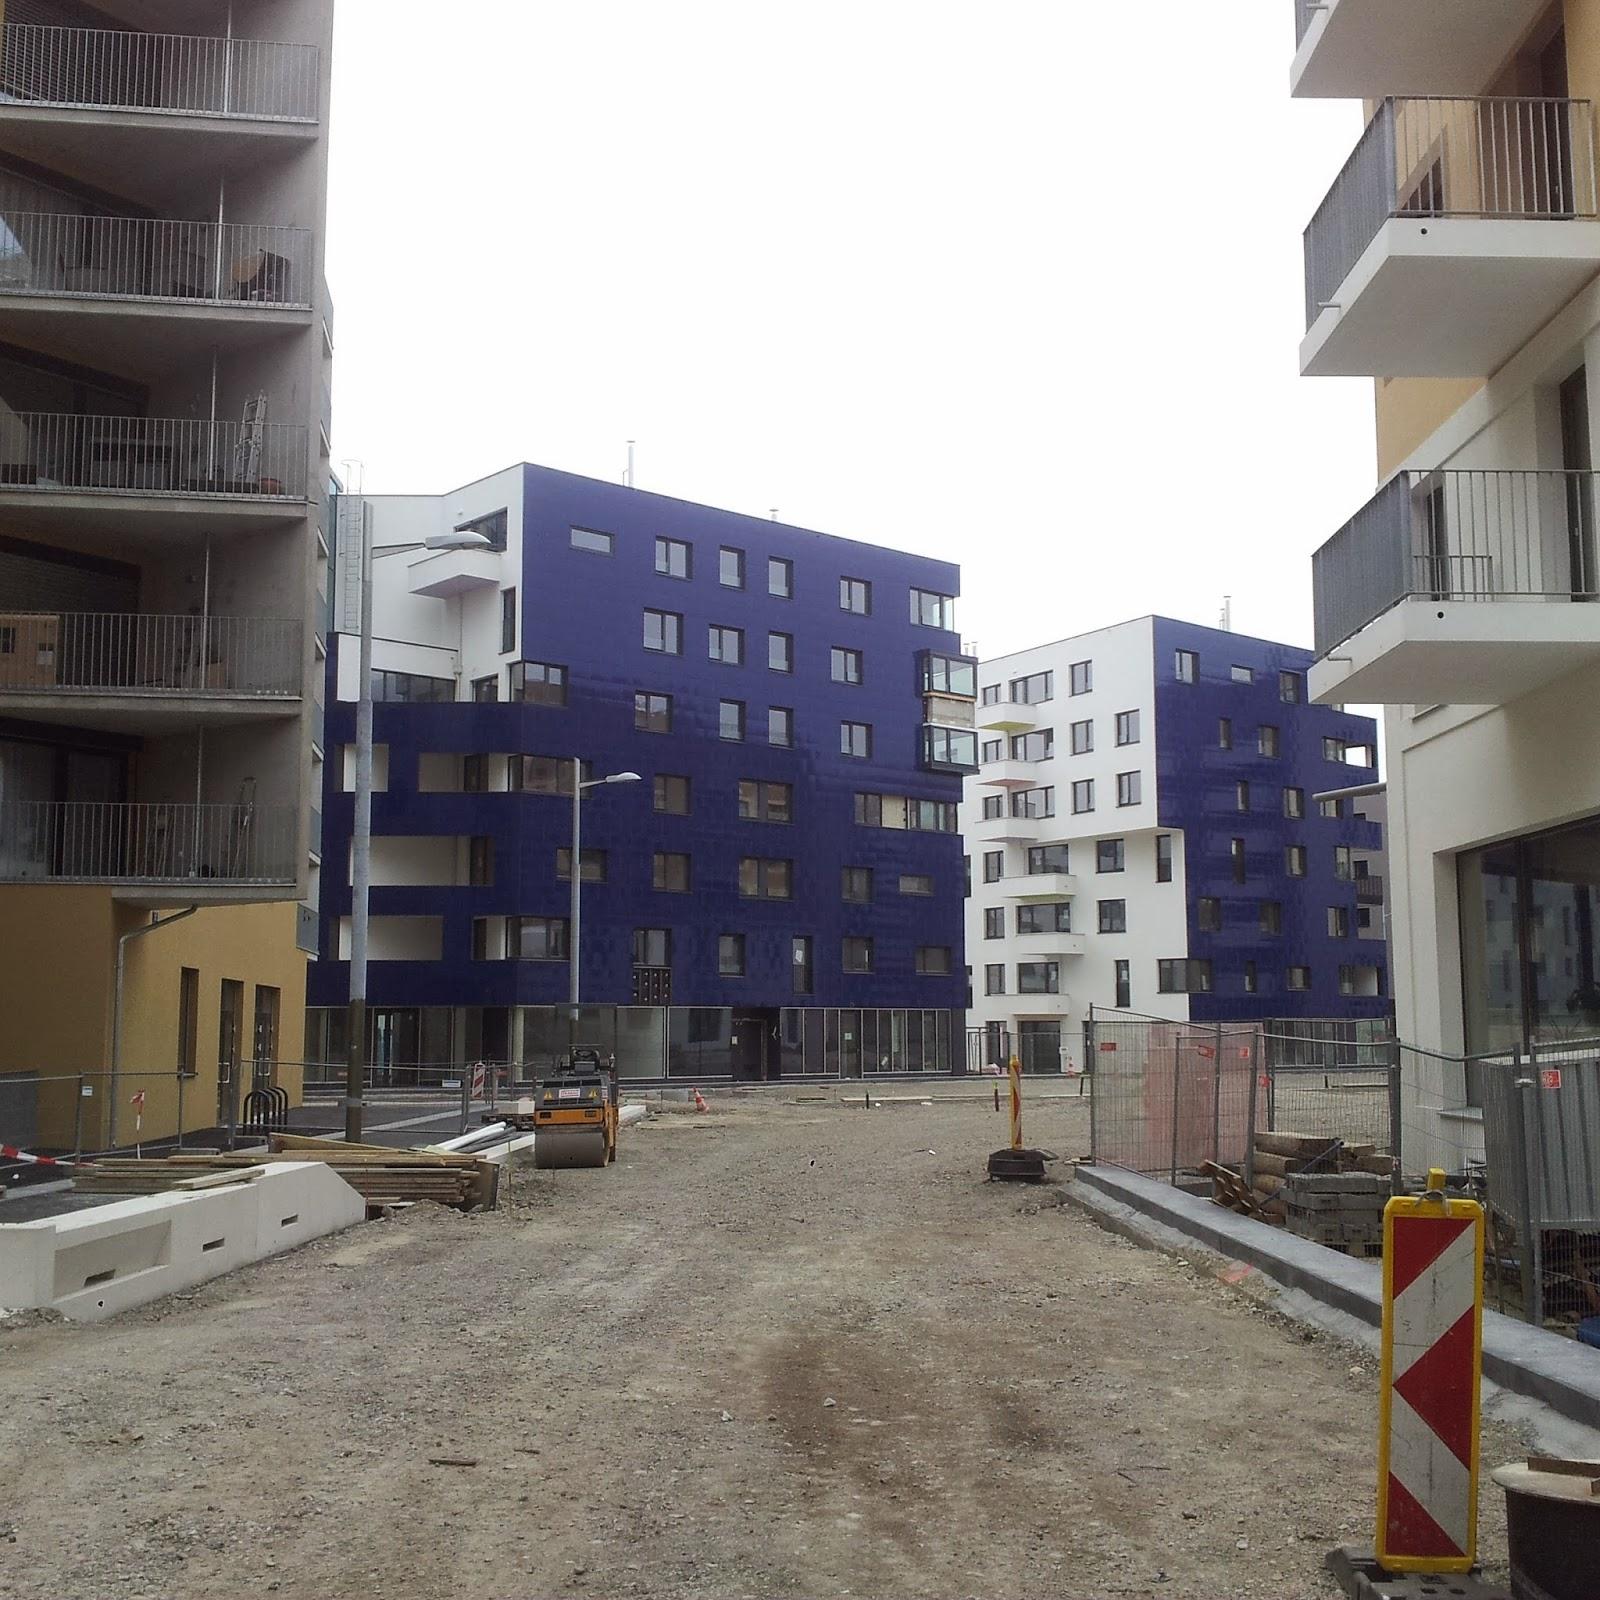 Seestadt; Vienna blog